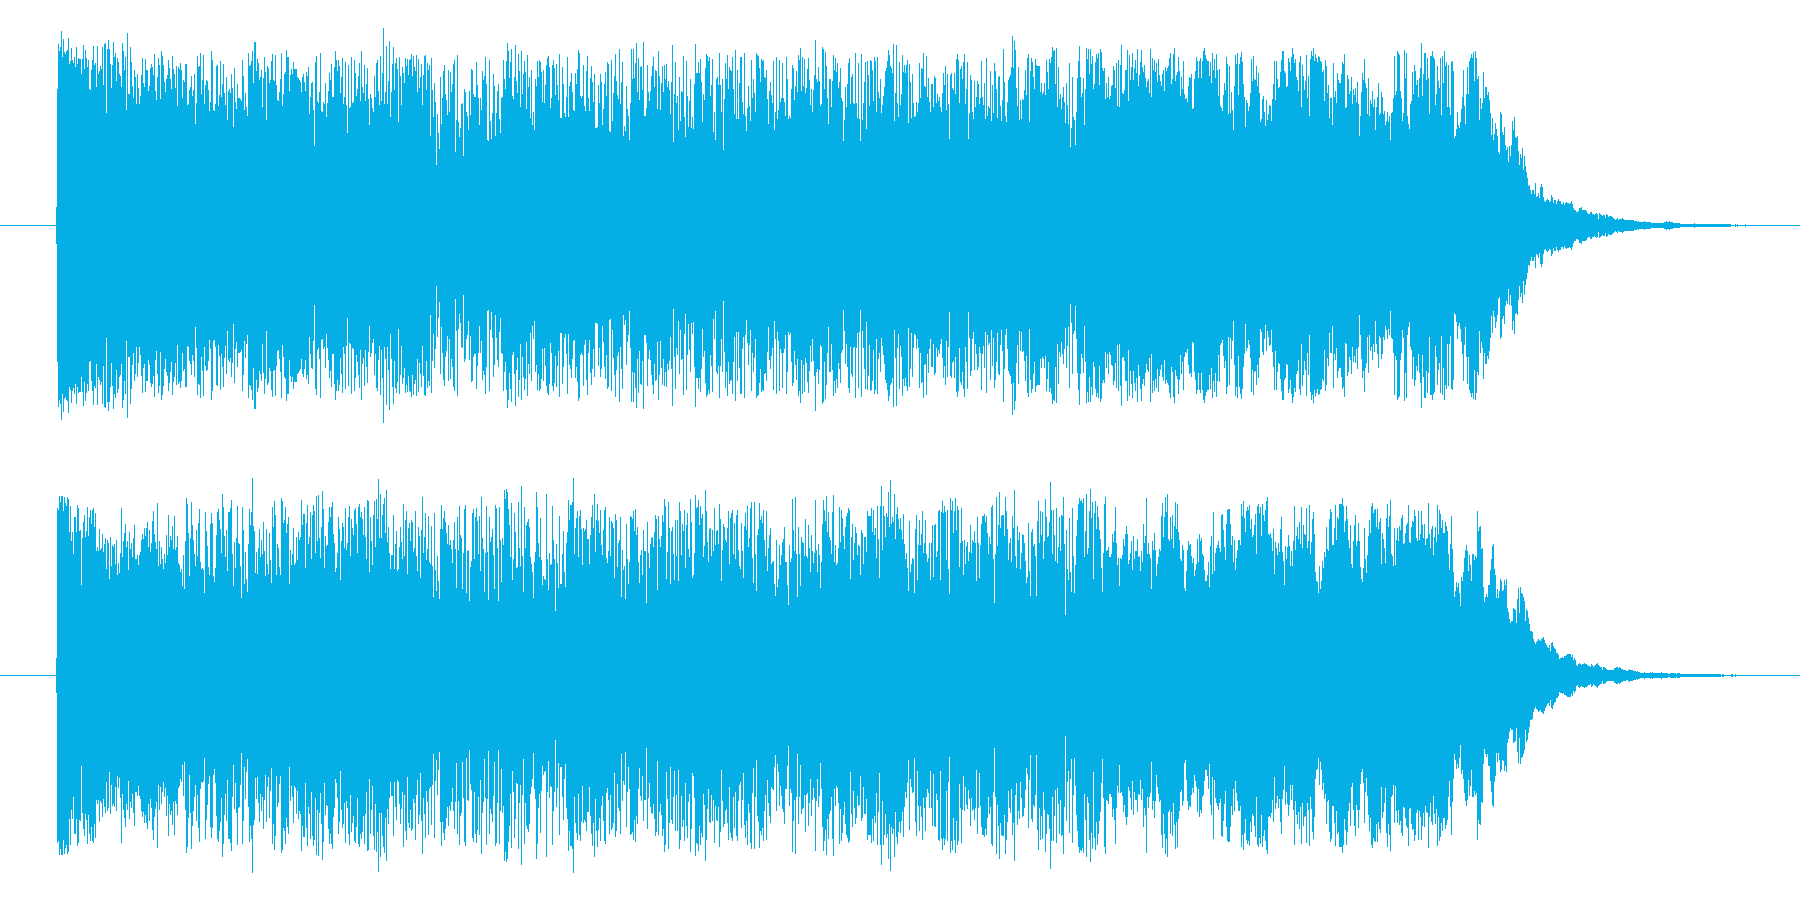 勝利のジングルの再生済みの波形